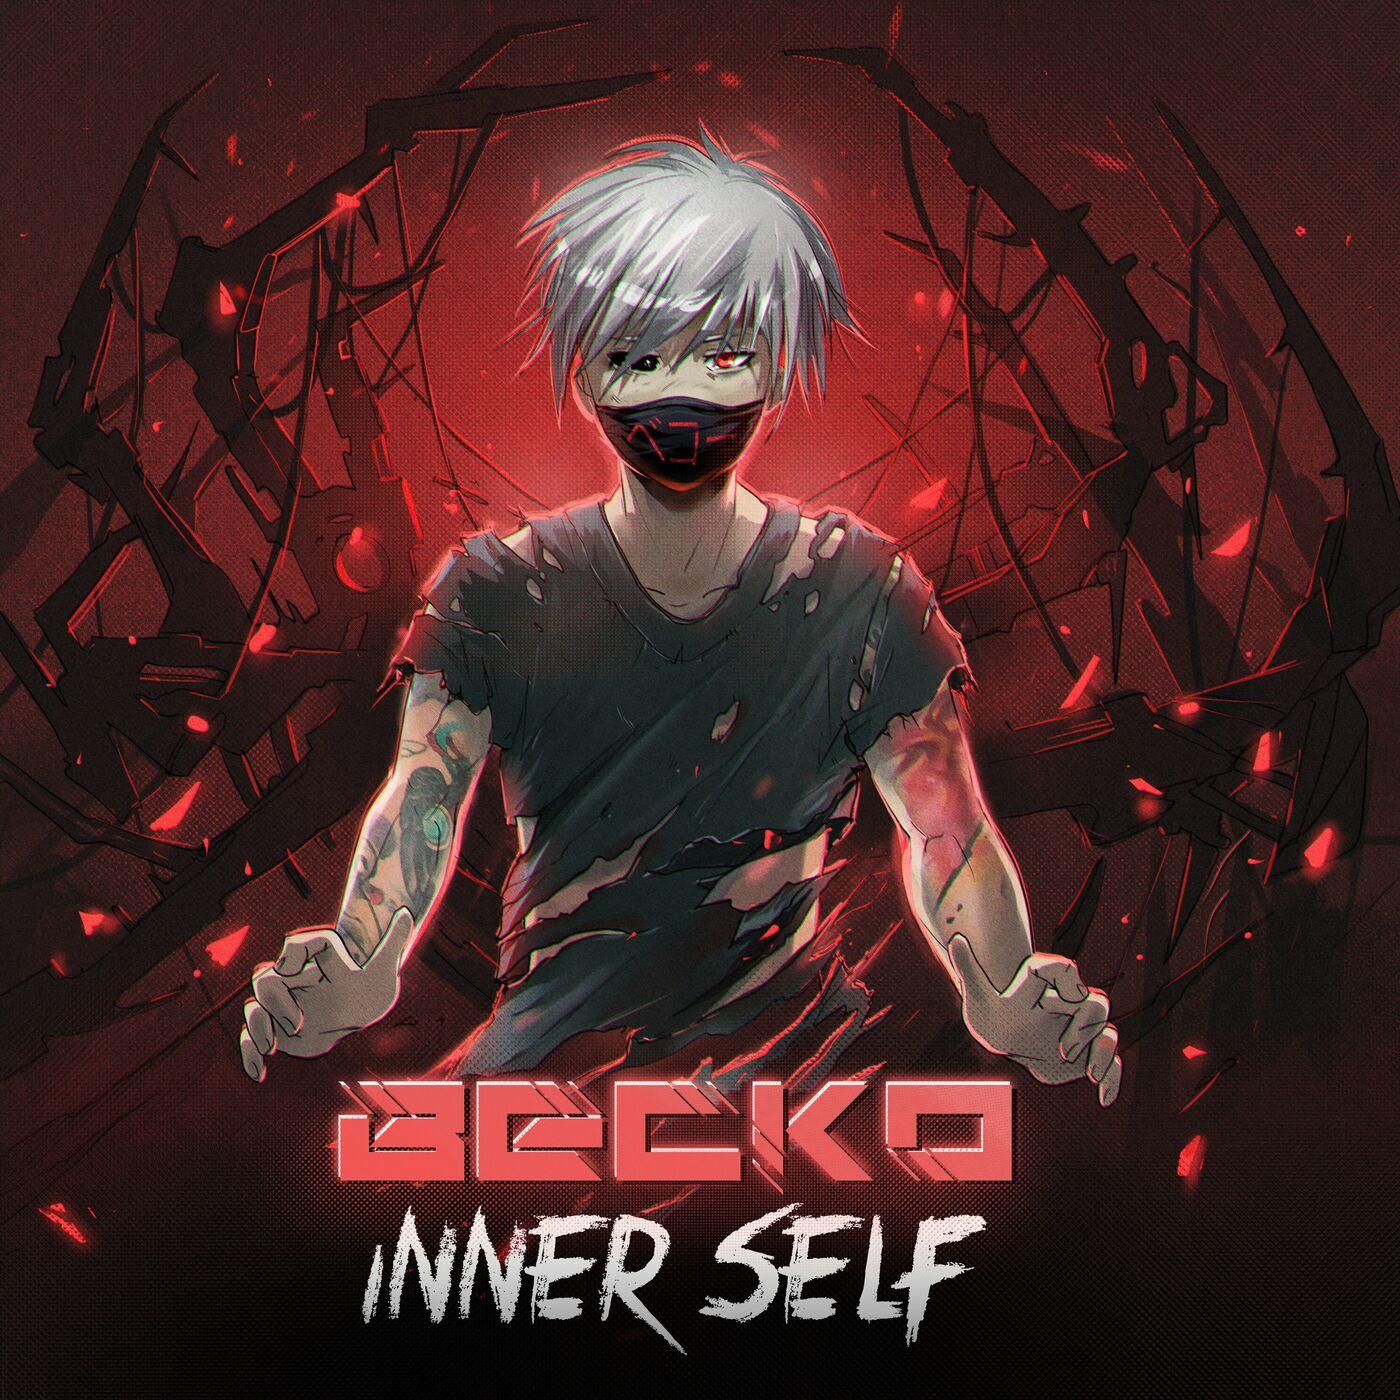 Becko - Inner Self (2020)